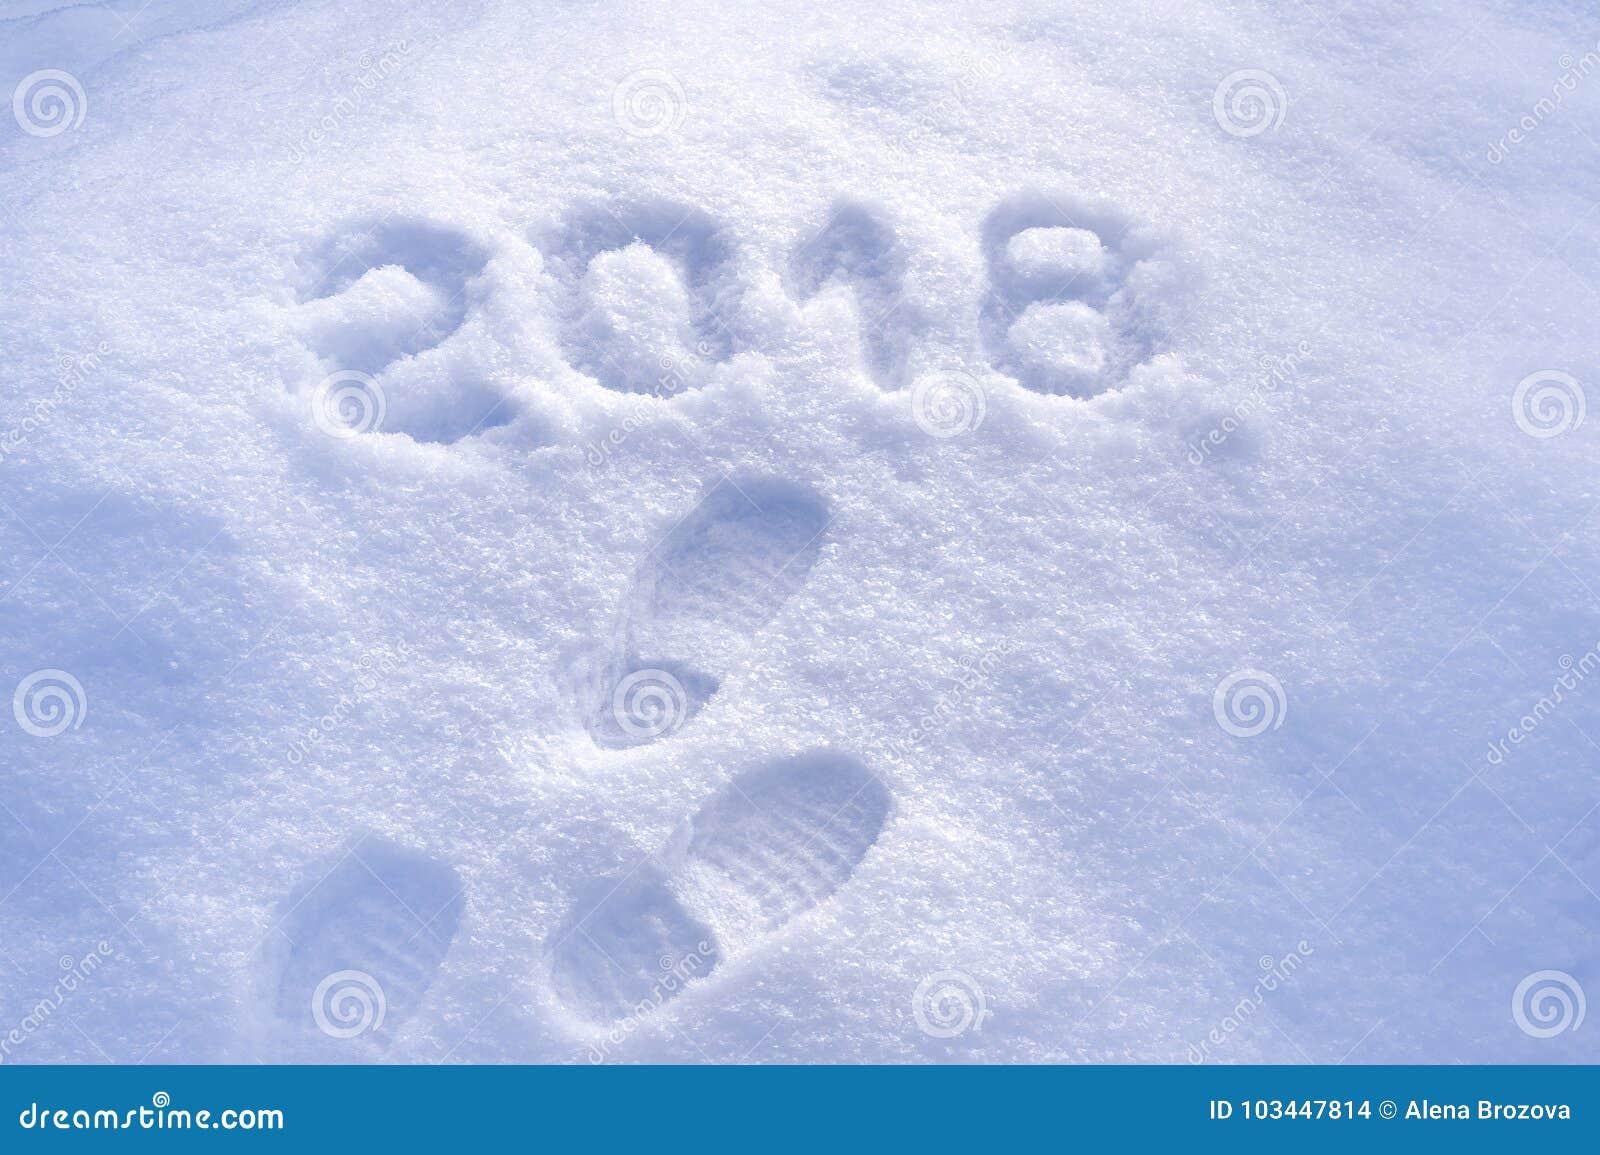 Nowego Roku 2018 powitanie, odciski stopy w śniegu, nowy rok 2018, kartka z pozdrowieniami